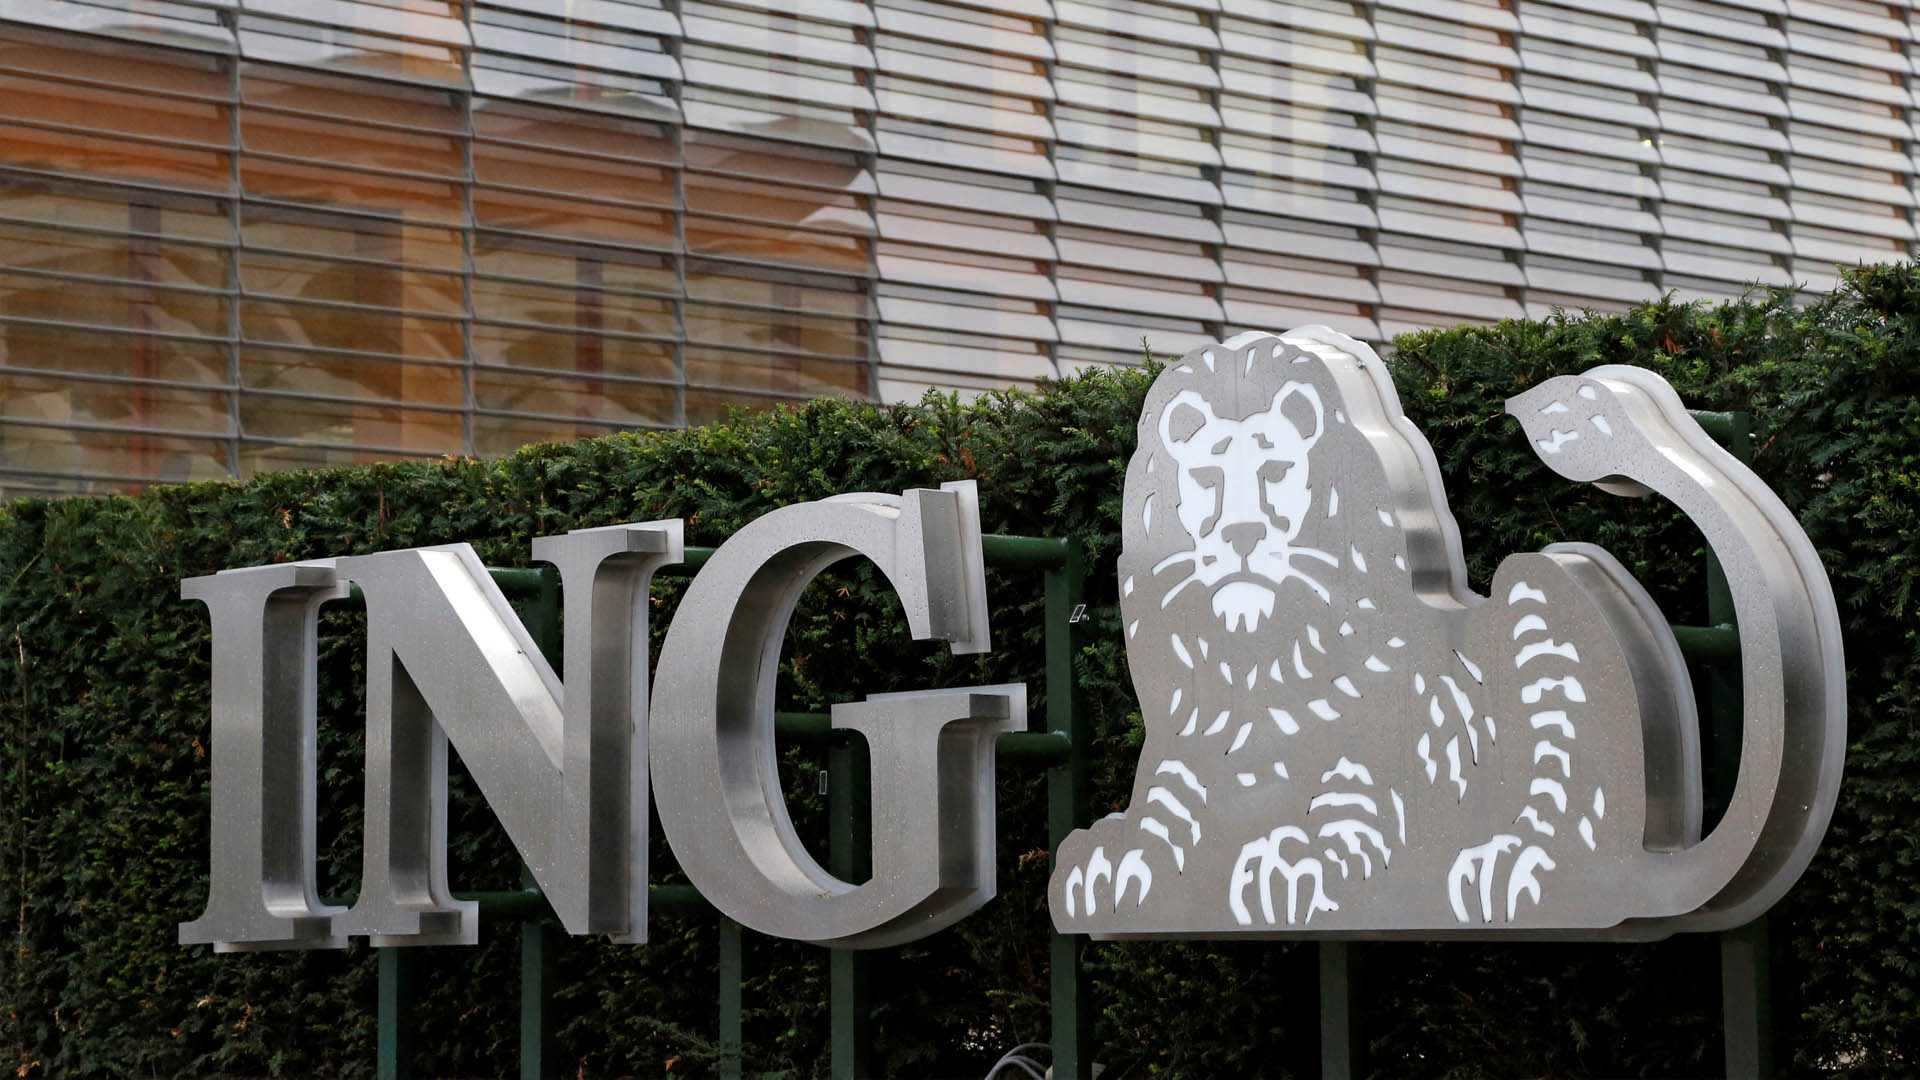 El ING, segunda entidad más grande de la región, tendrá que despedir o trasladar a 7 mil empleados de aquí a 2021